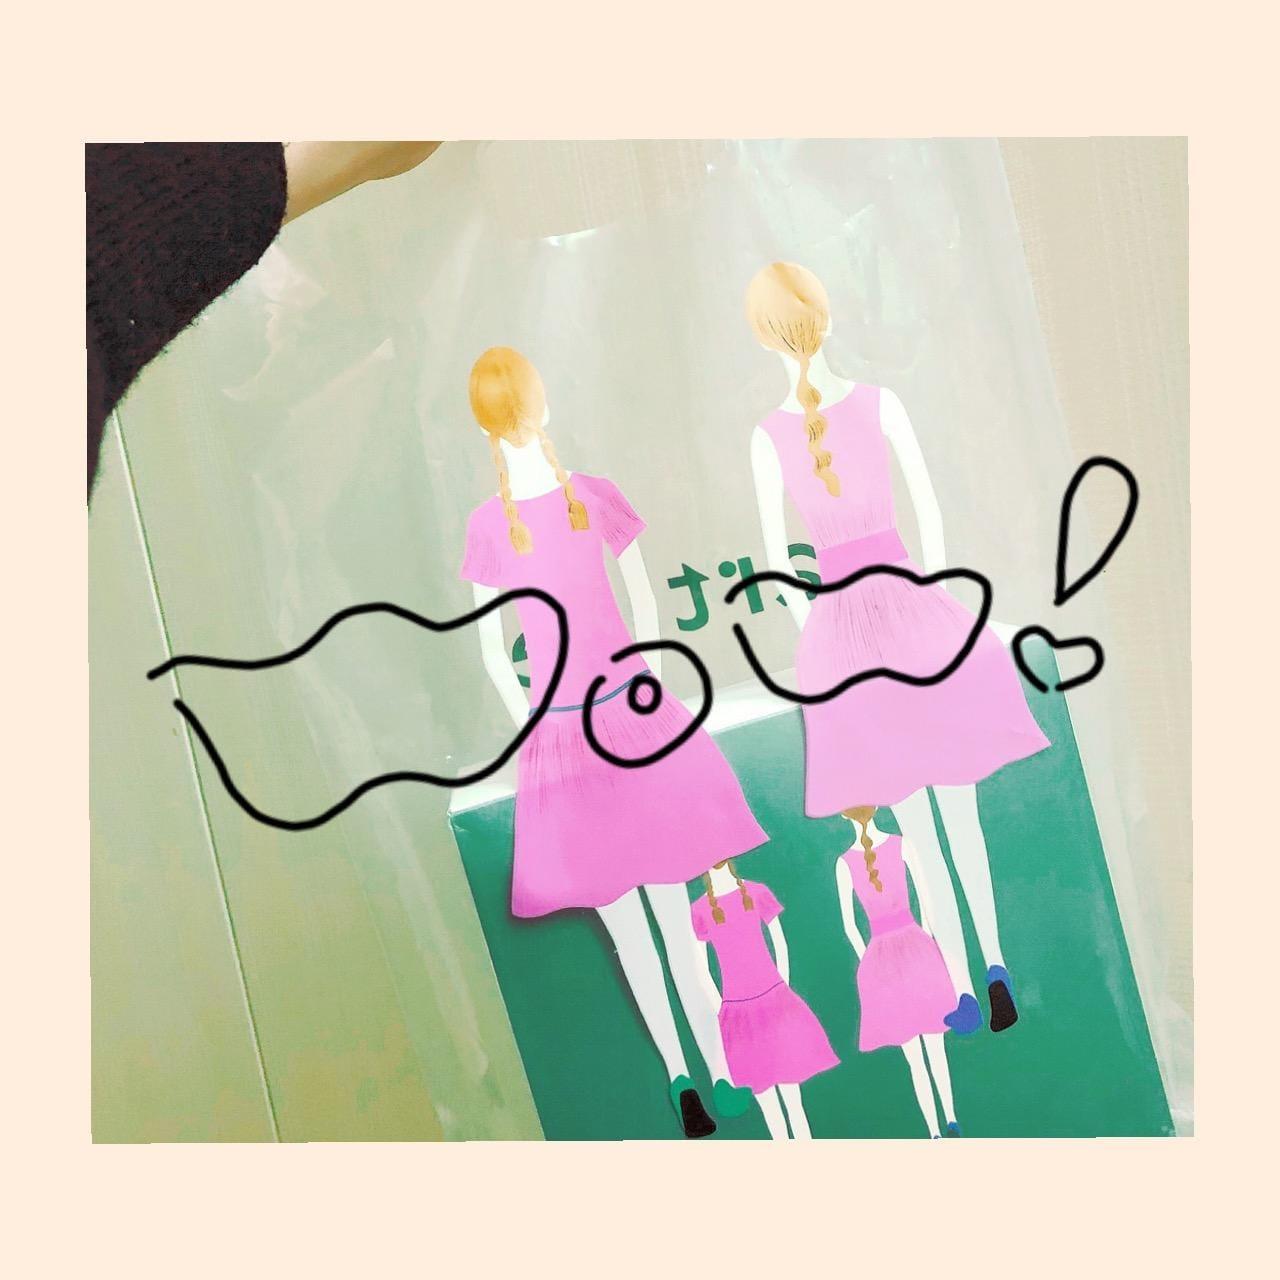 ぷらむ「ありがとう」01/20(日) 22:04 | ぷらむの写メ・風俗動画